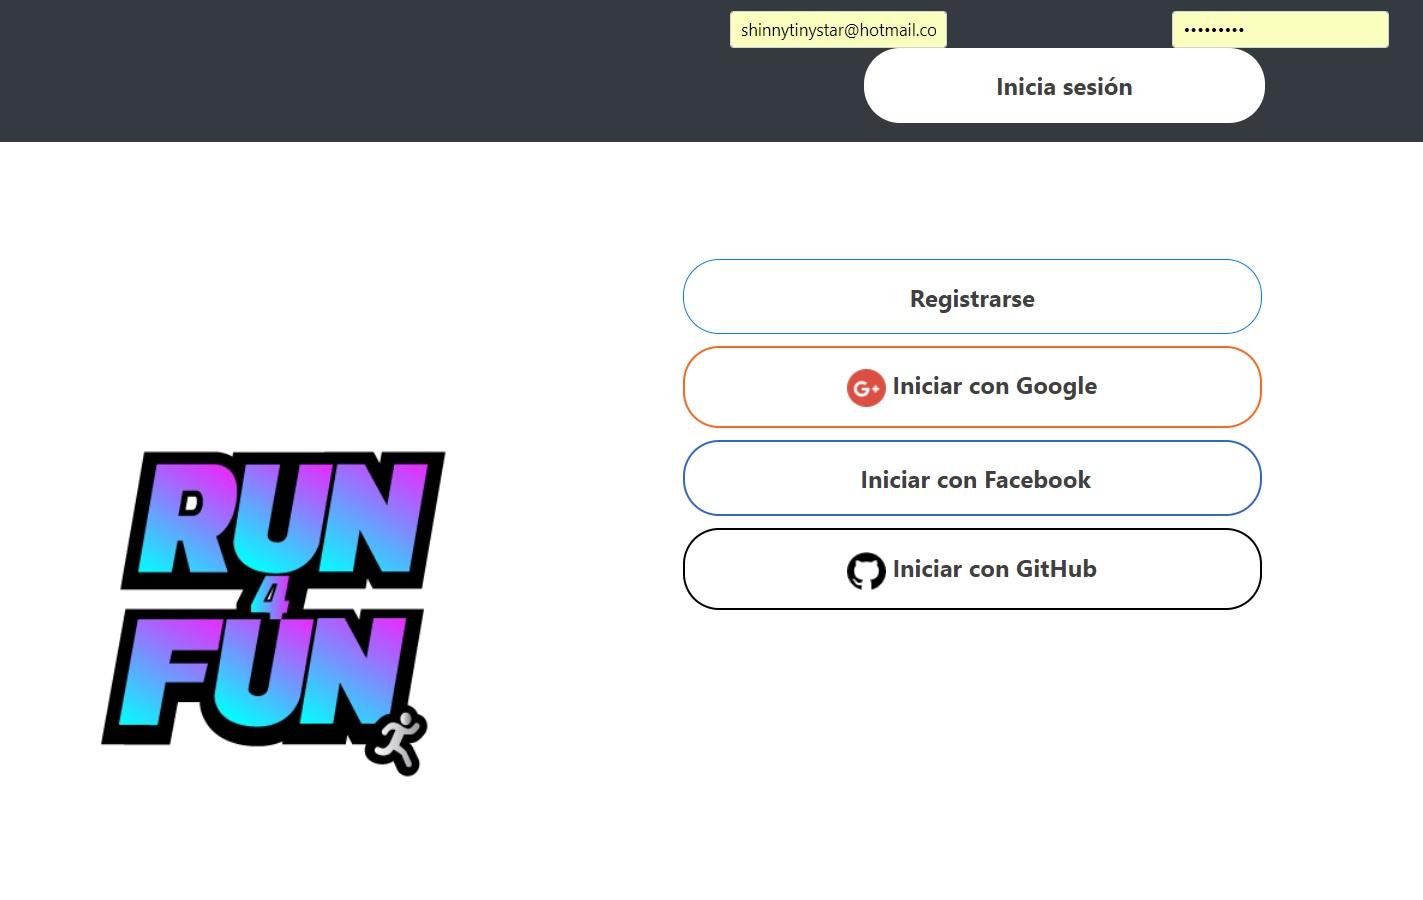 Run 4 Fun